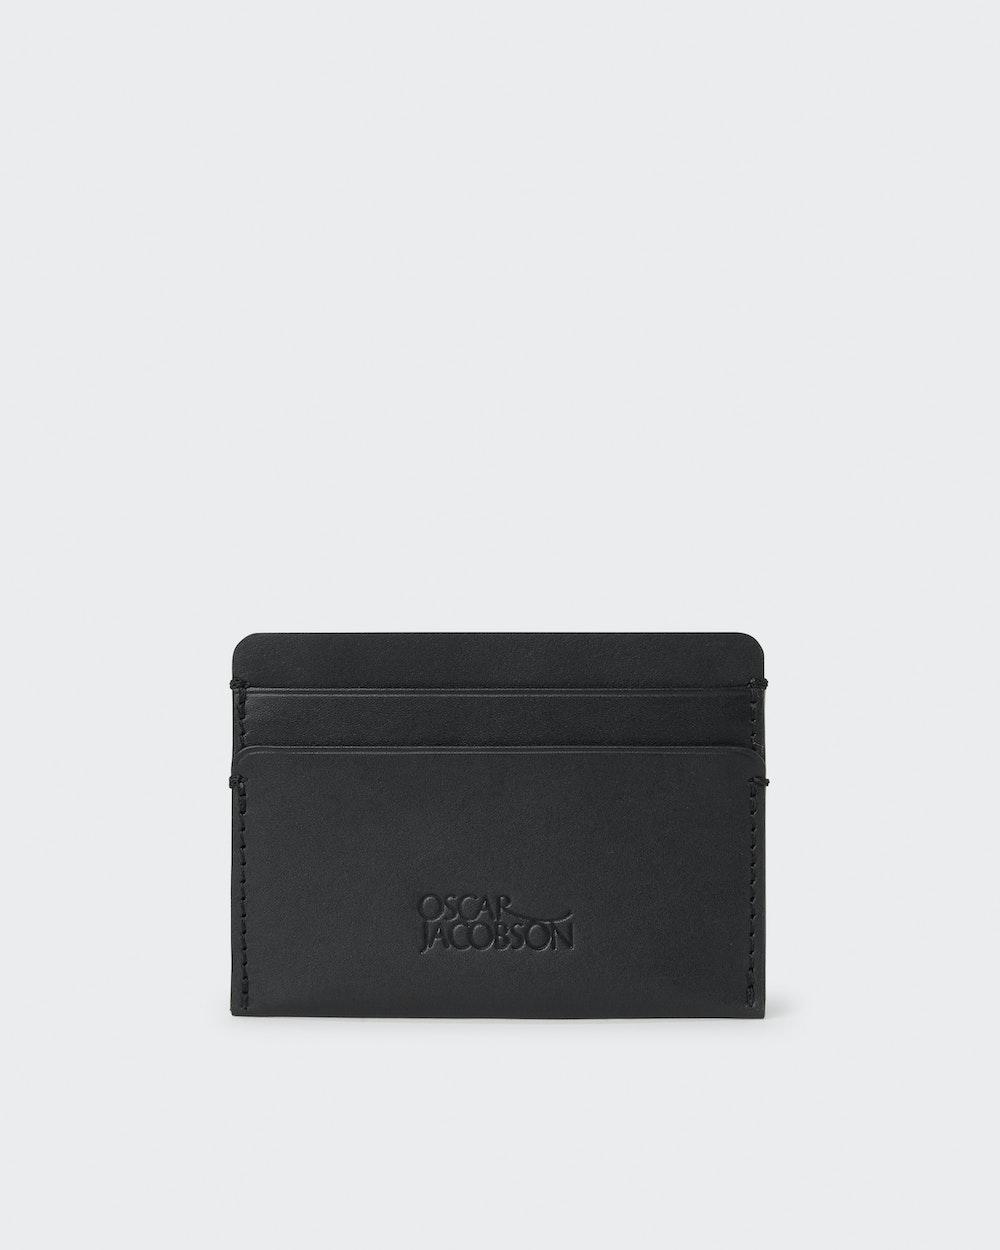 Tyler card holder Black Oscar Jacobson